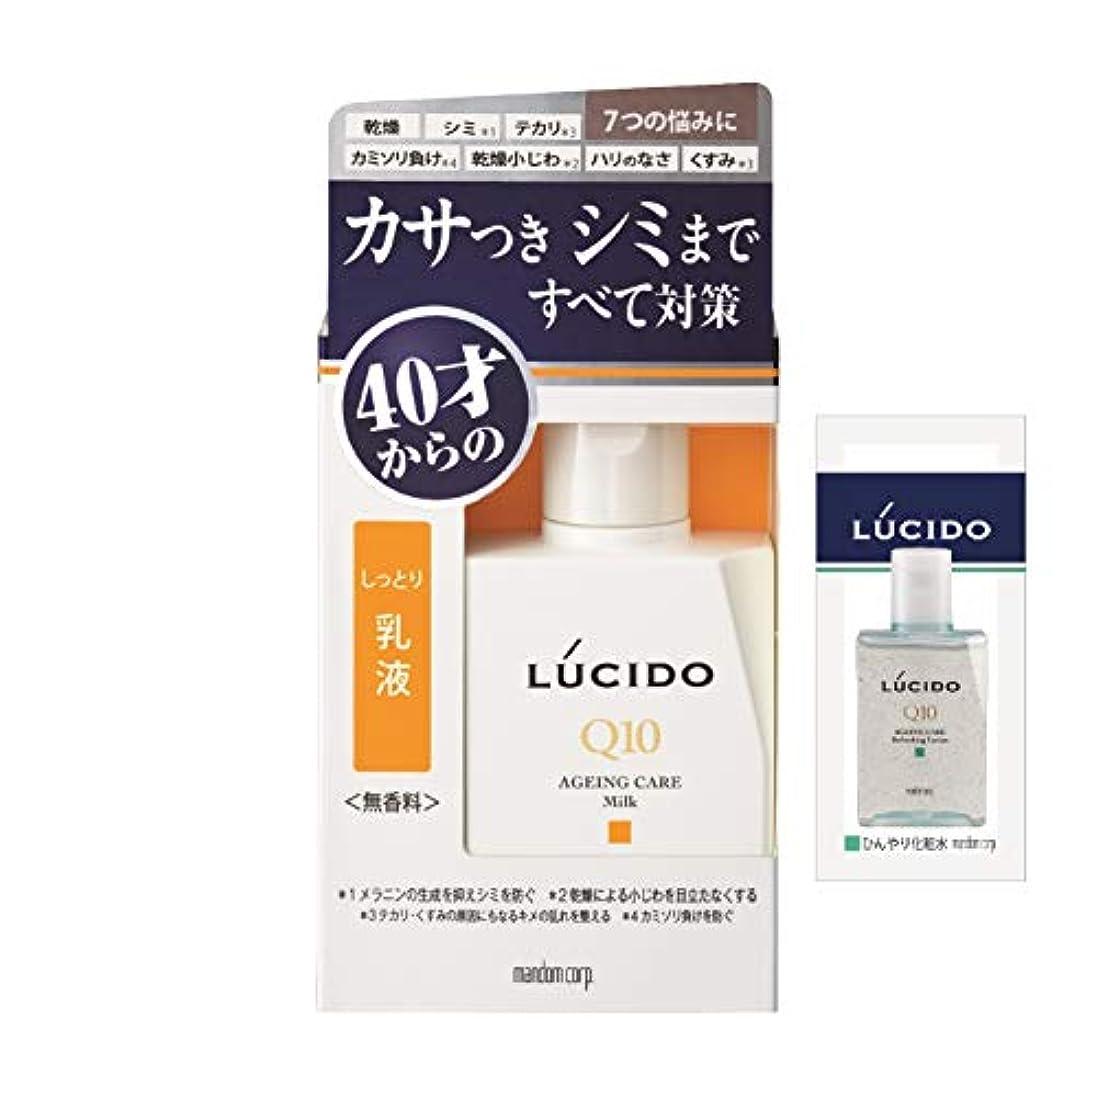 銅マイクロスーパーマーケット【Amazon.co.jp限定】 LUCIDO(ルシード) ルシード 薬用 トータルケア乳液 (医薬部外品) 100ml+サンプル付